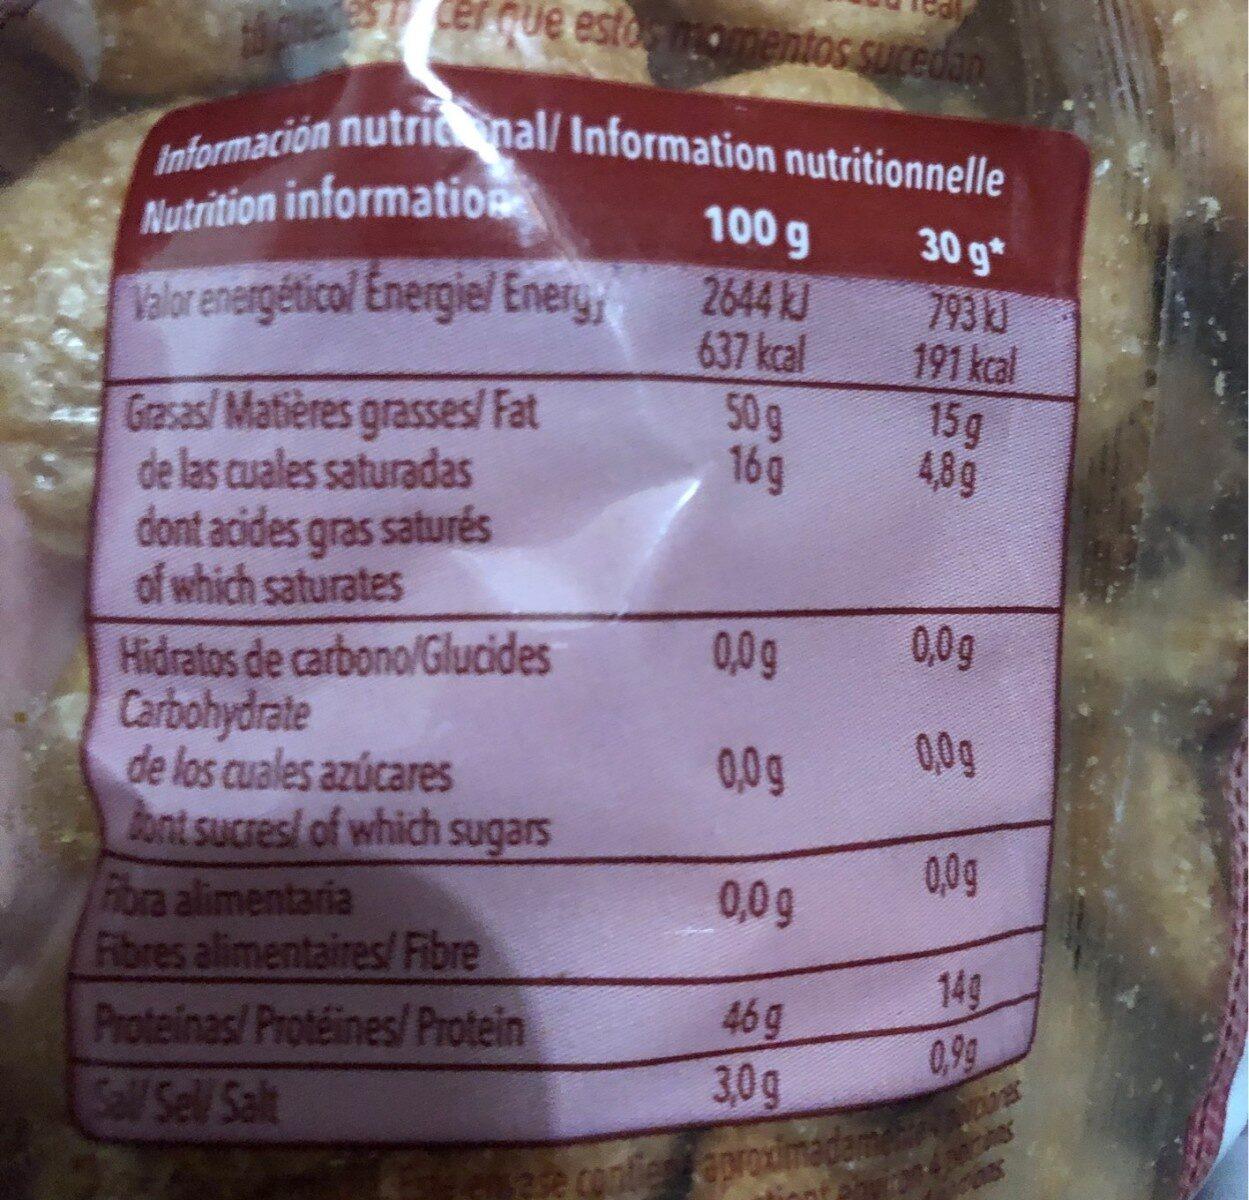 Chicharricos De Cerdo Frit Ravich - Voedigswaarden